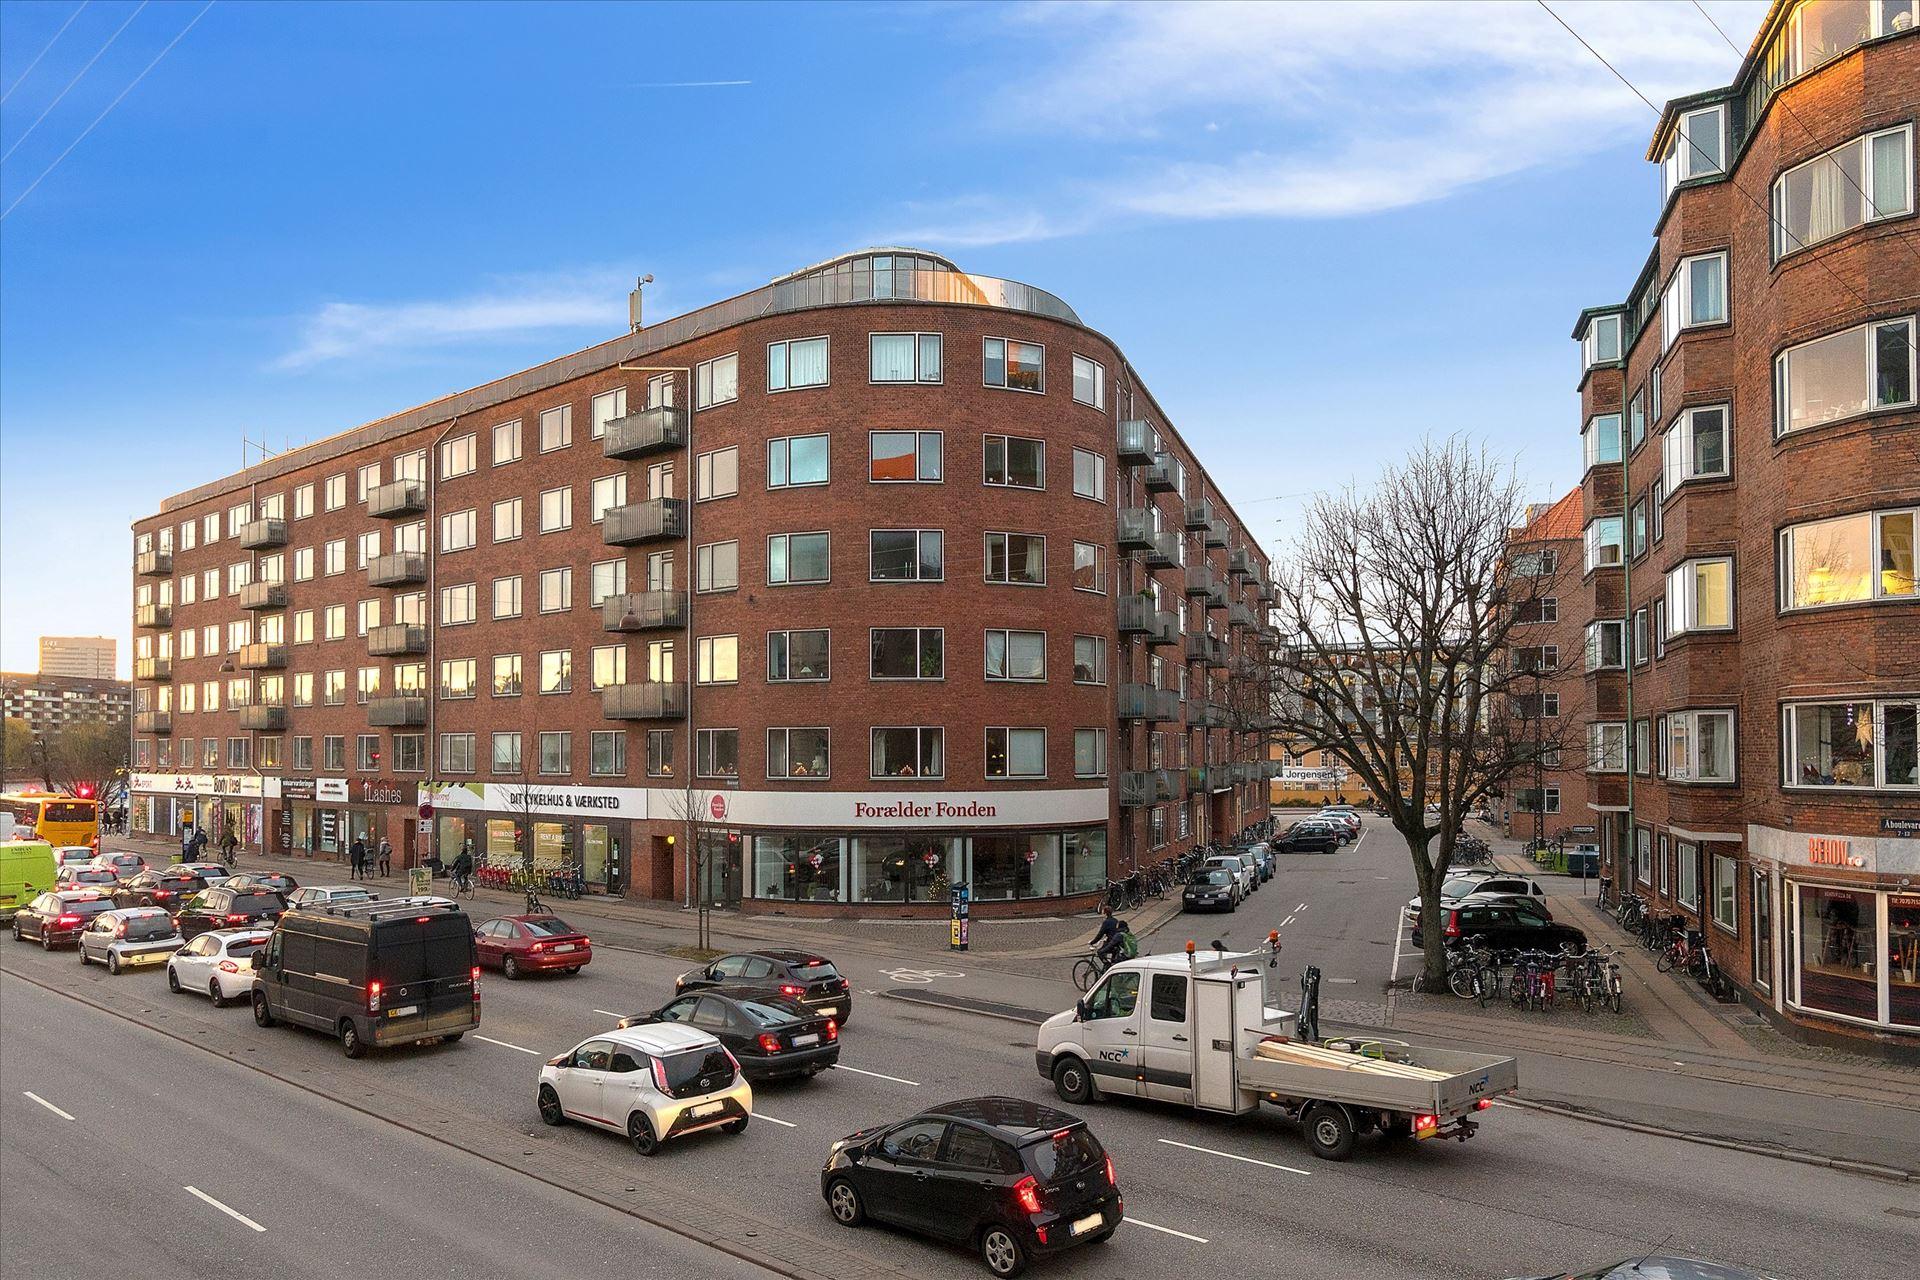 209 m² butik/showroom – synbar facade